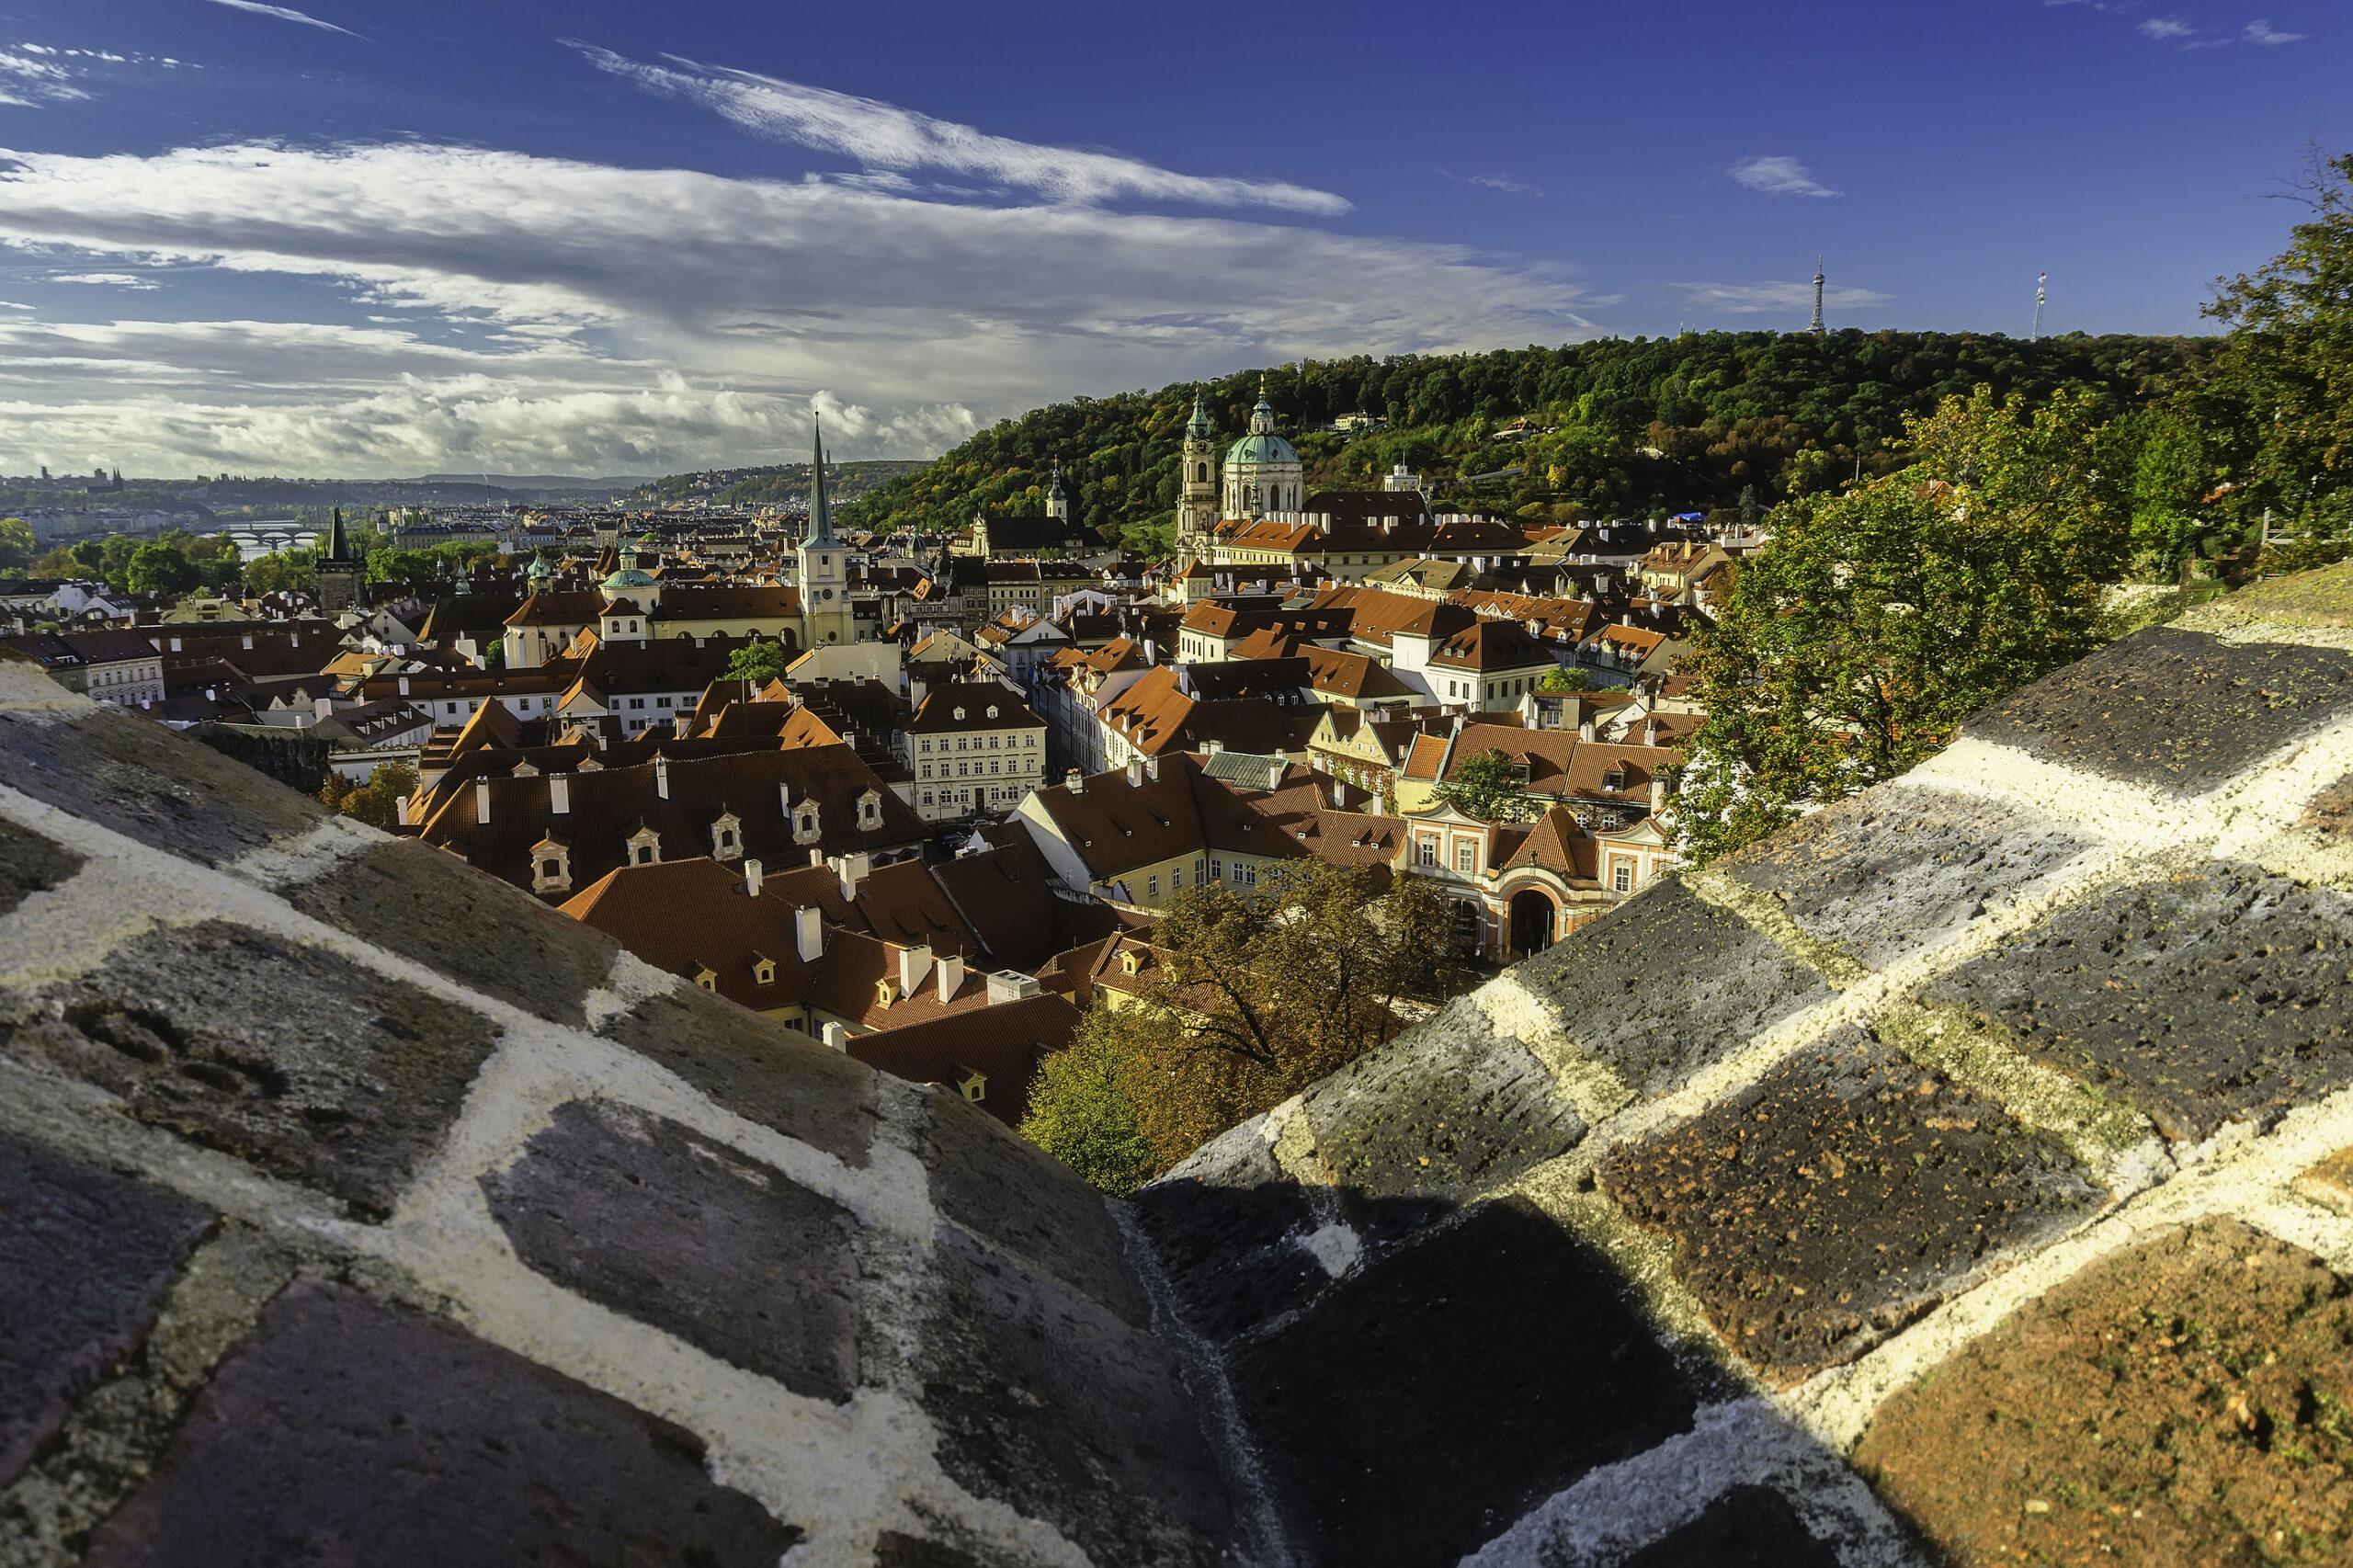 Petrin Petrinhoyden topp utsikt Praha bygg